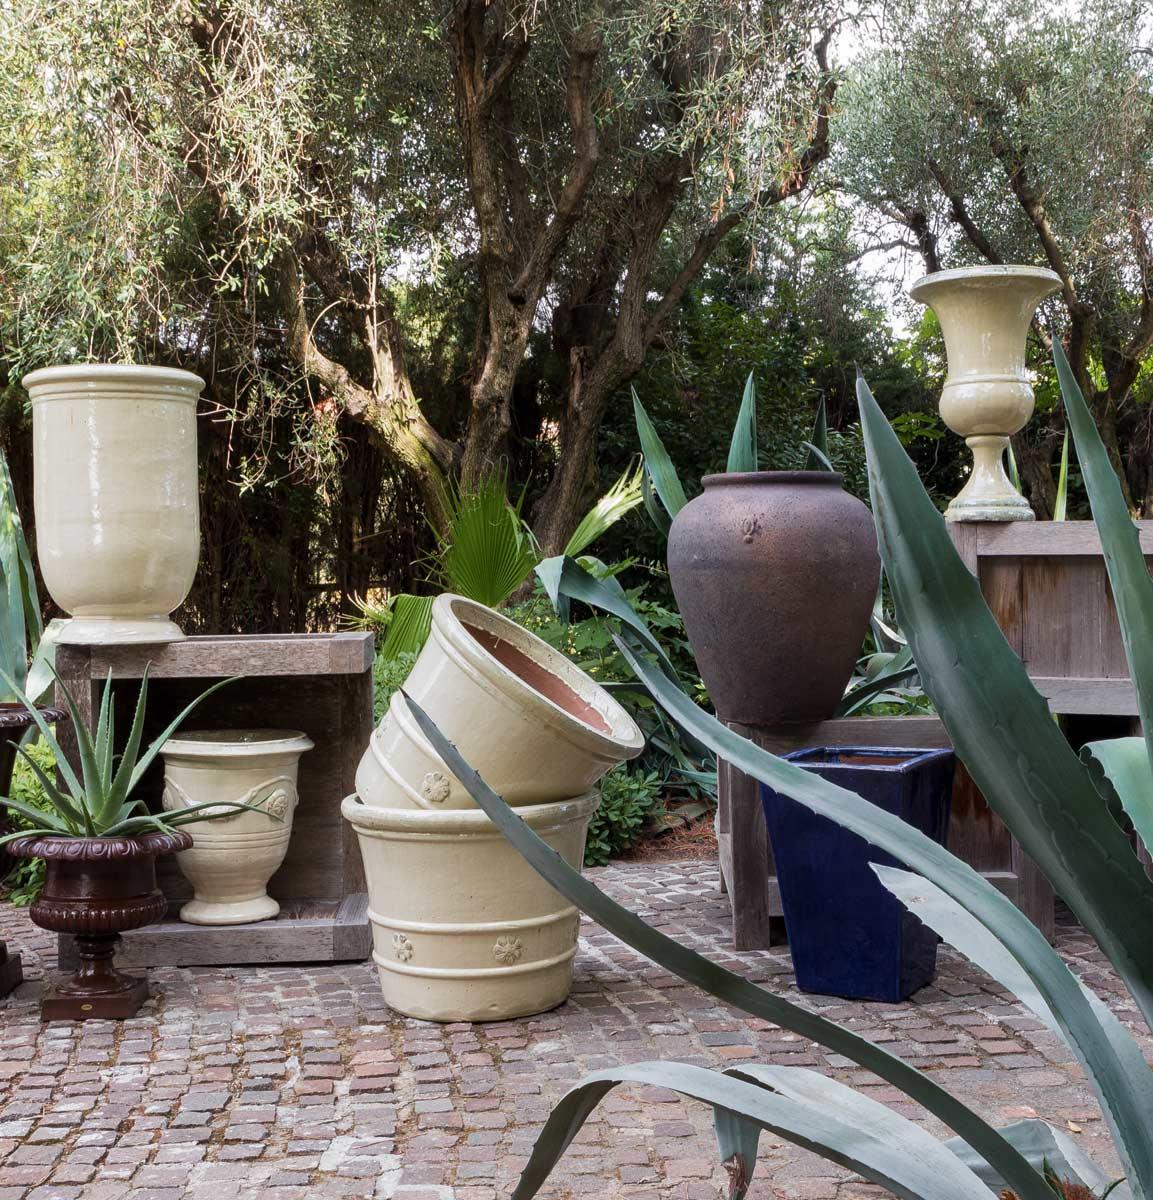 Pots flowerboxes